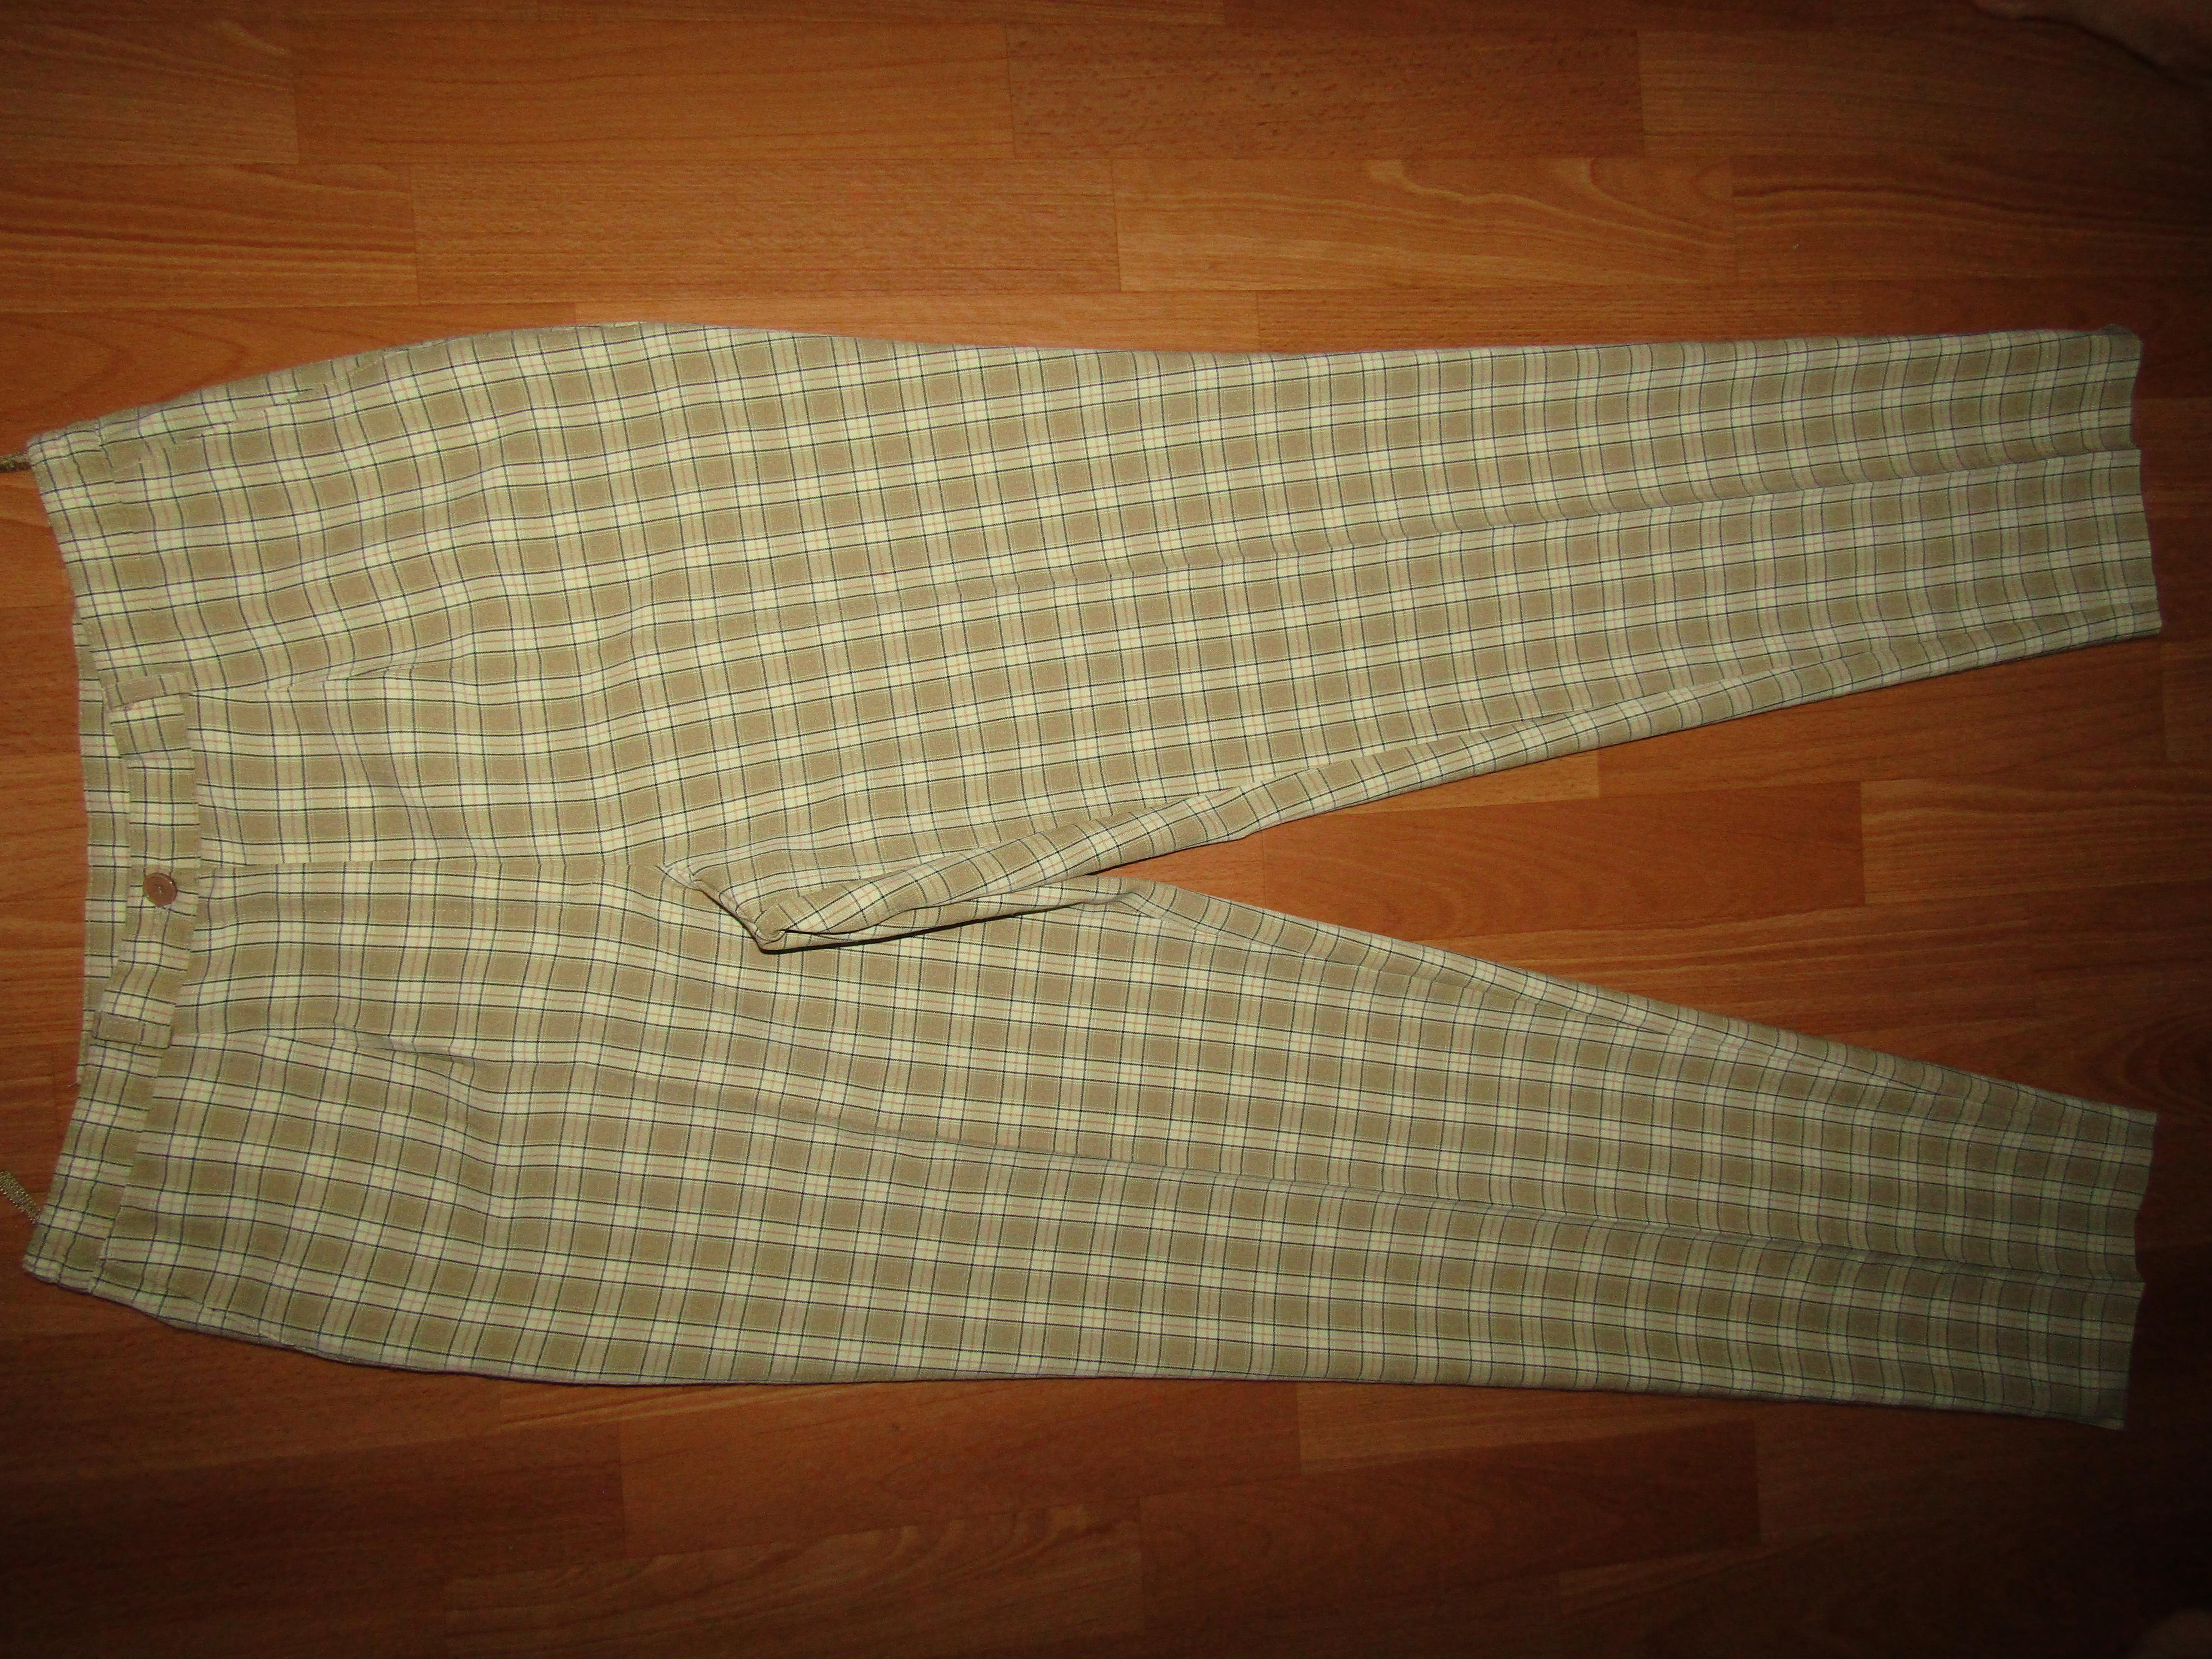 брюки р-р Л/евро 40 Seter